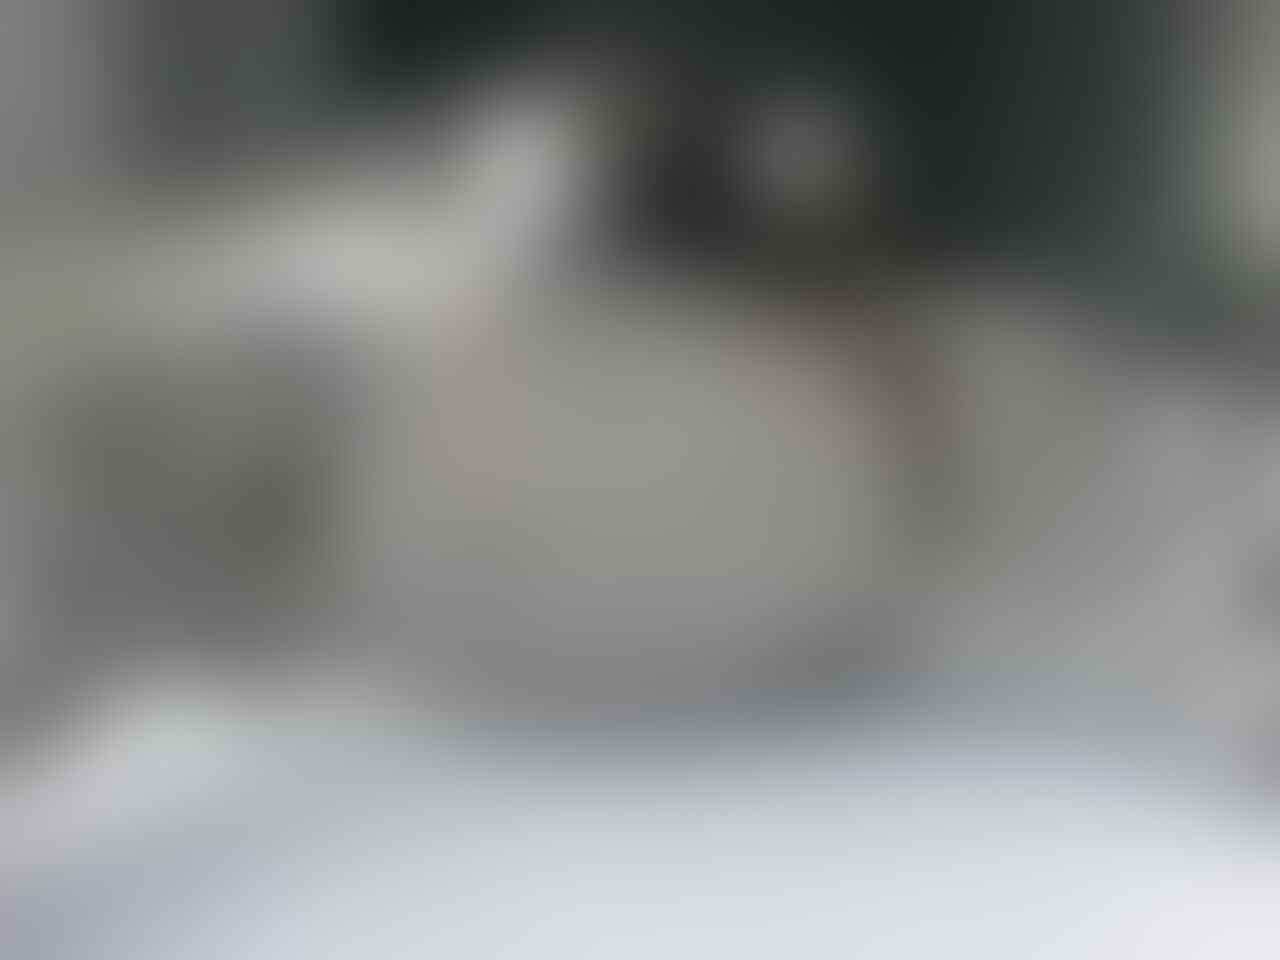 Review Section Page 3 Kaskus Jam Tangan Casio G Shock Dobel Time Tahan Air Black Navy Ini Digerakkan Movement Automatic Swiss 7750 Diameter 13 25 Jewels Dengan 28800 Semi Vibration Per Serta Memiliki Fitur Water Resistance